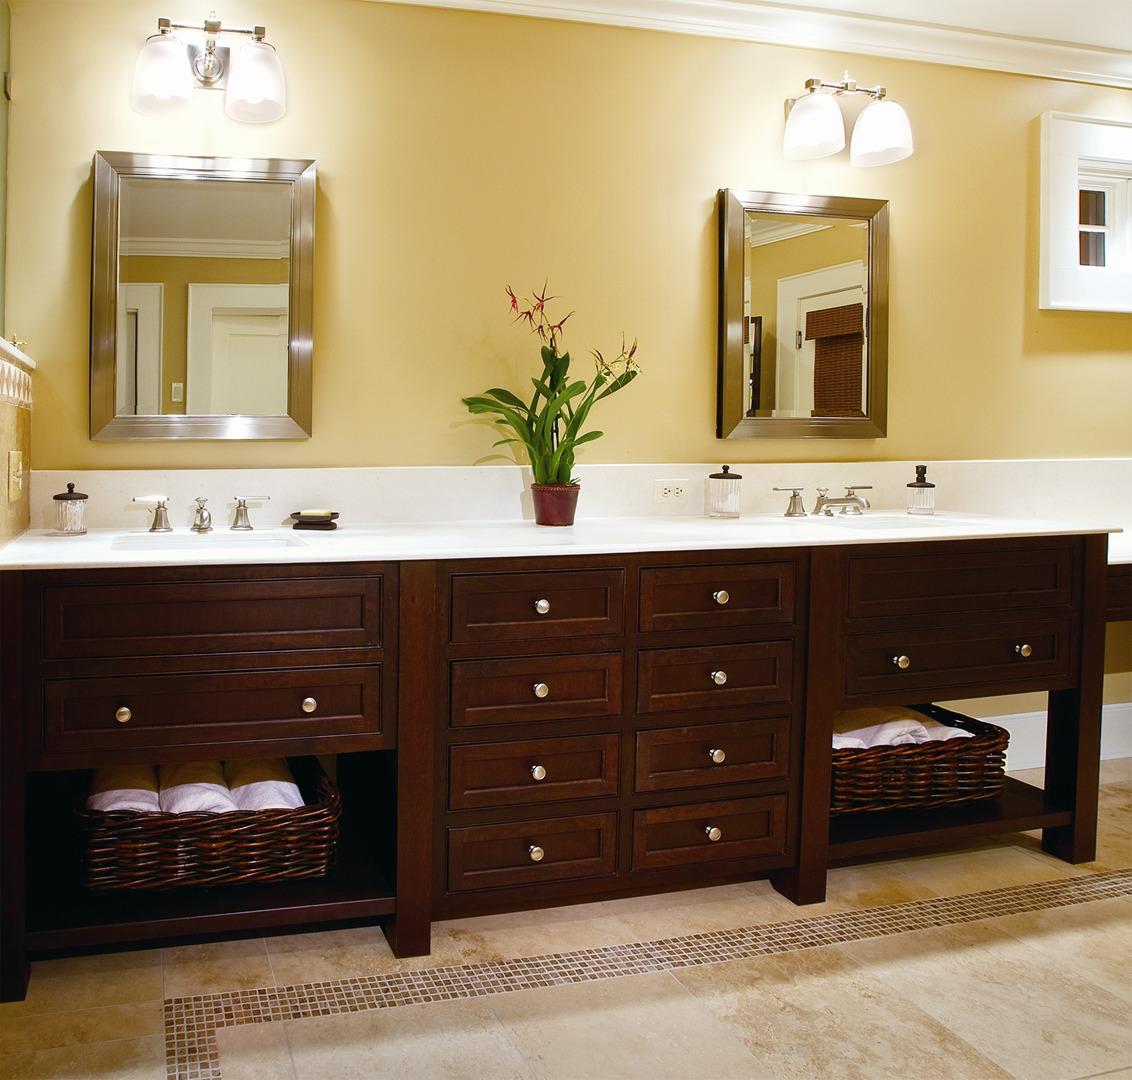 Custom bathroom vanities designs - Simple And Elegant Omega Cabinetrys New Sojourn Suite Bathroom